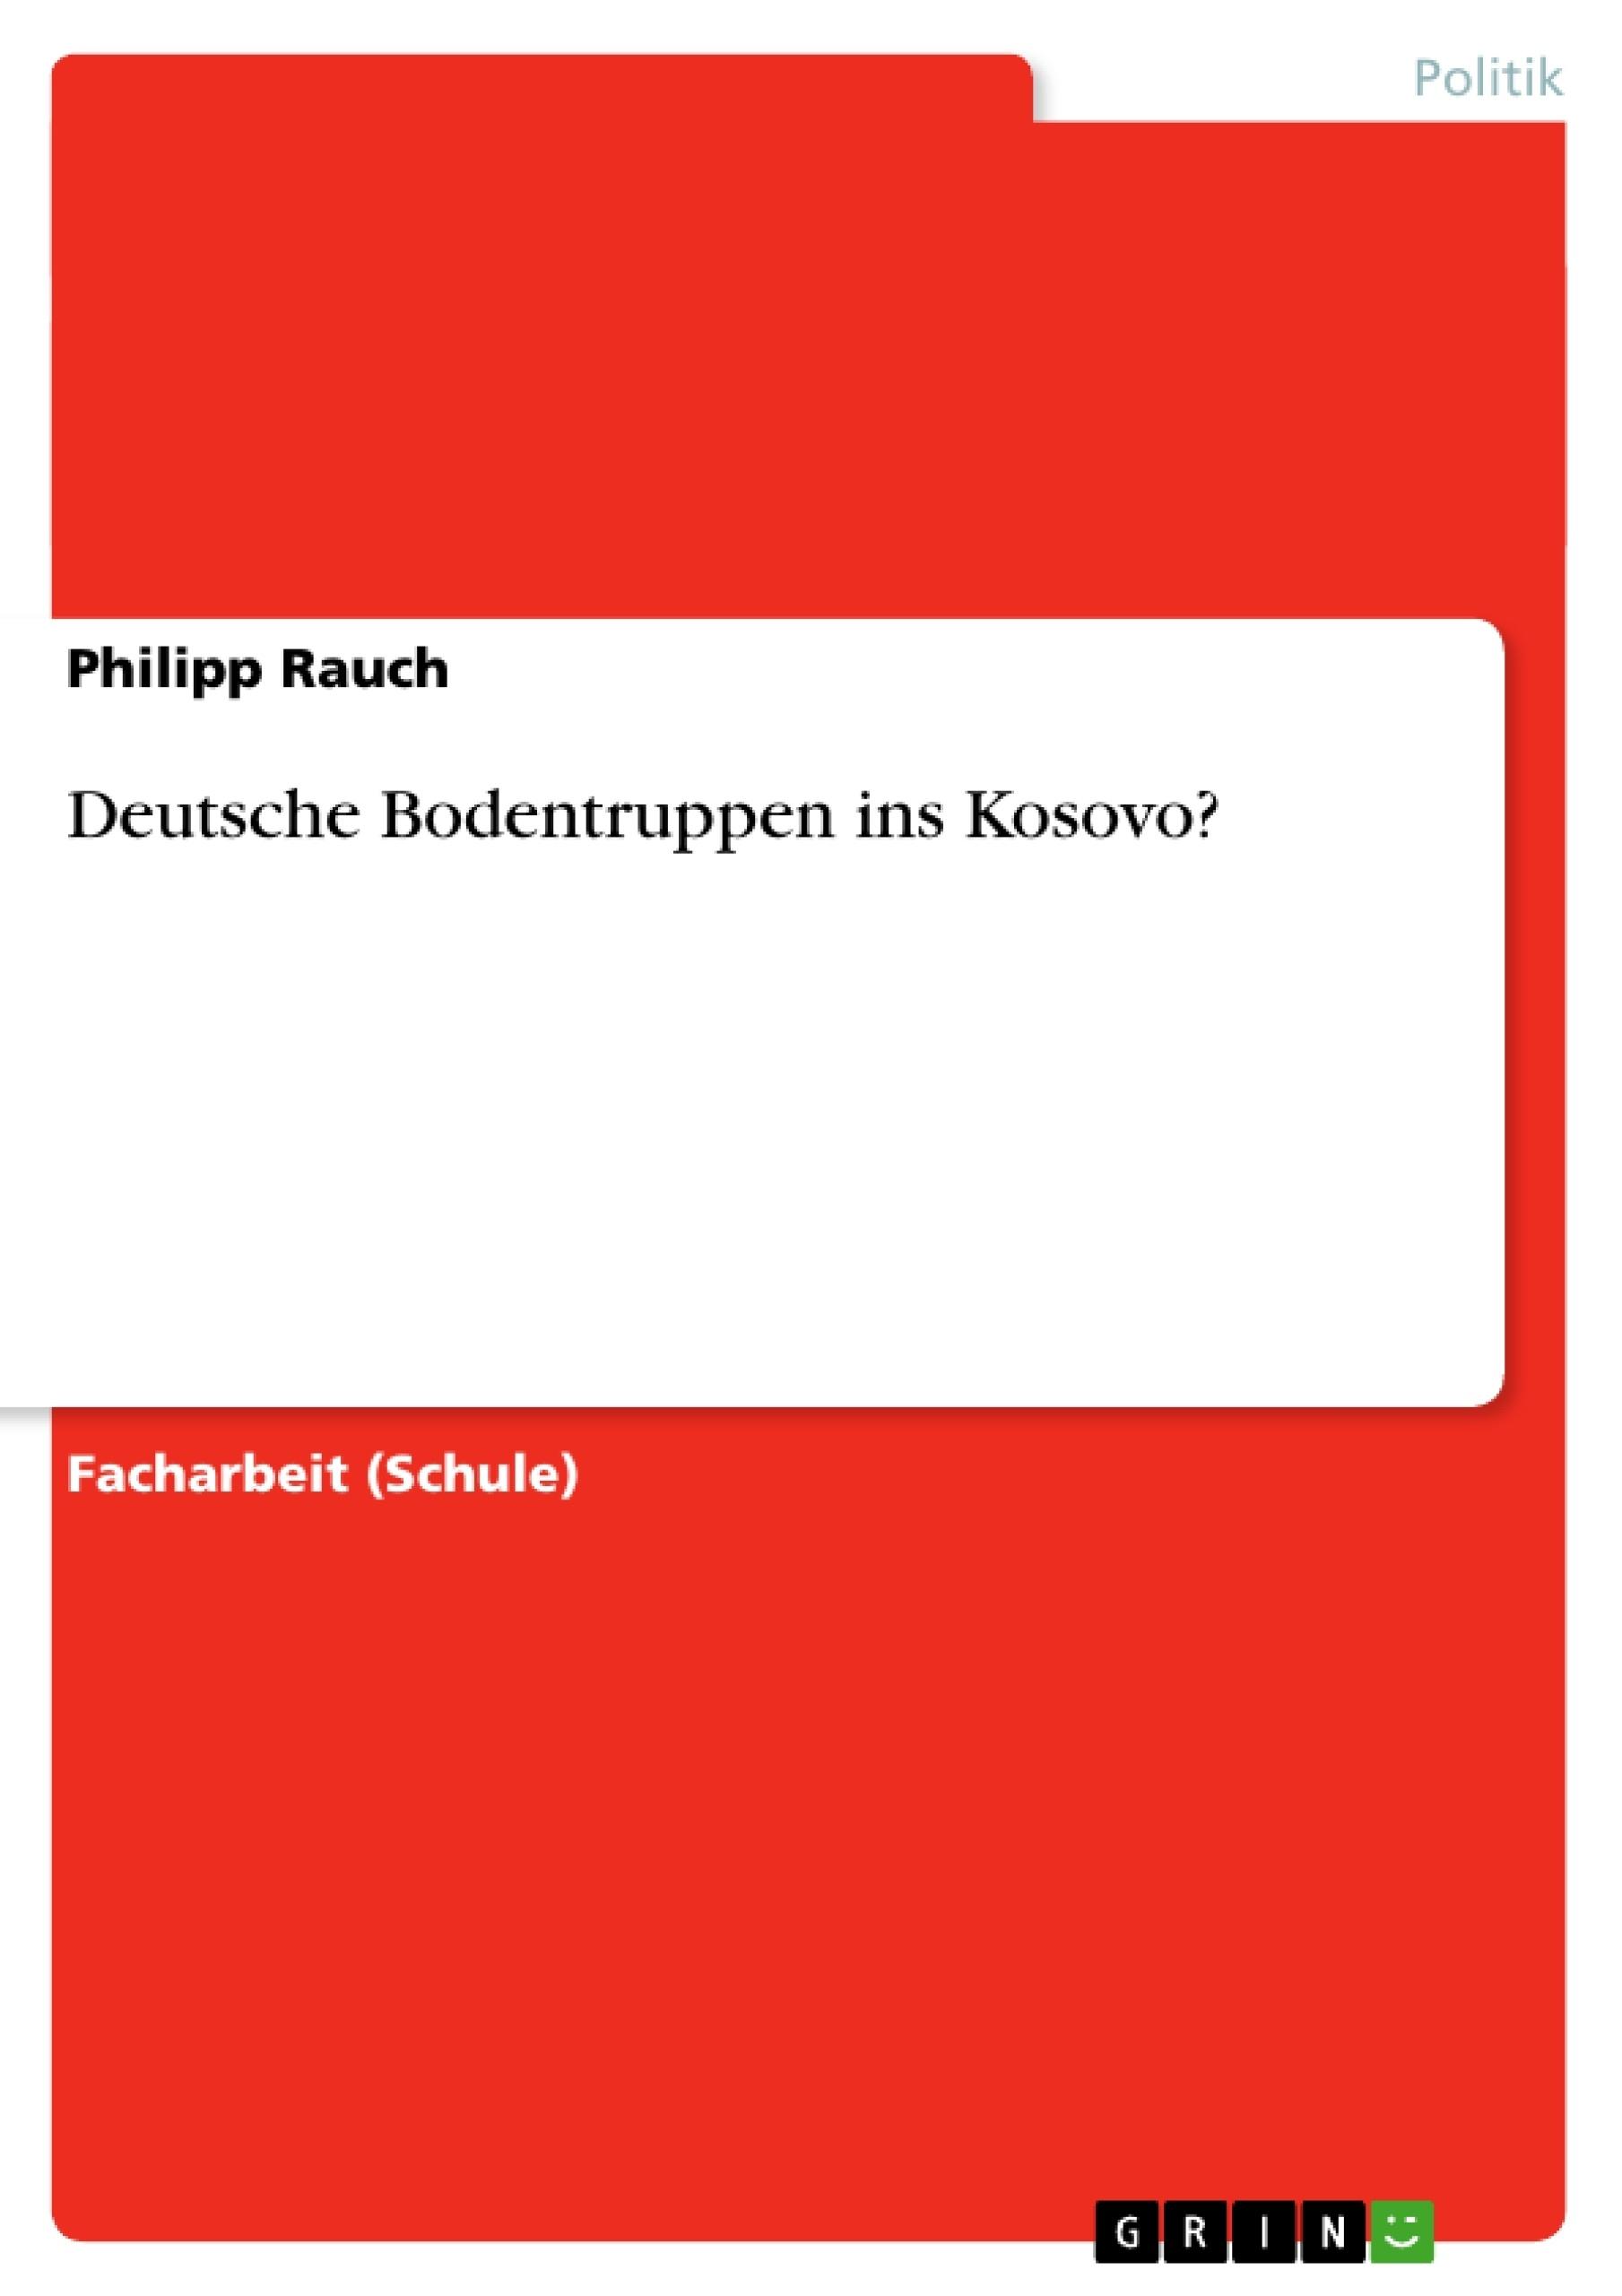 Titel: Deutsche Bodentruppen ins Kosovo?